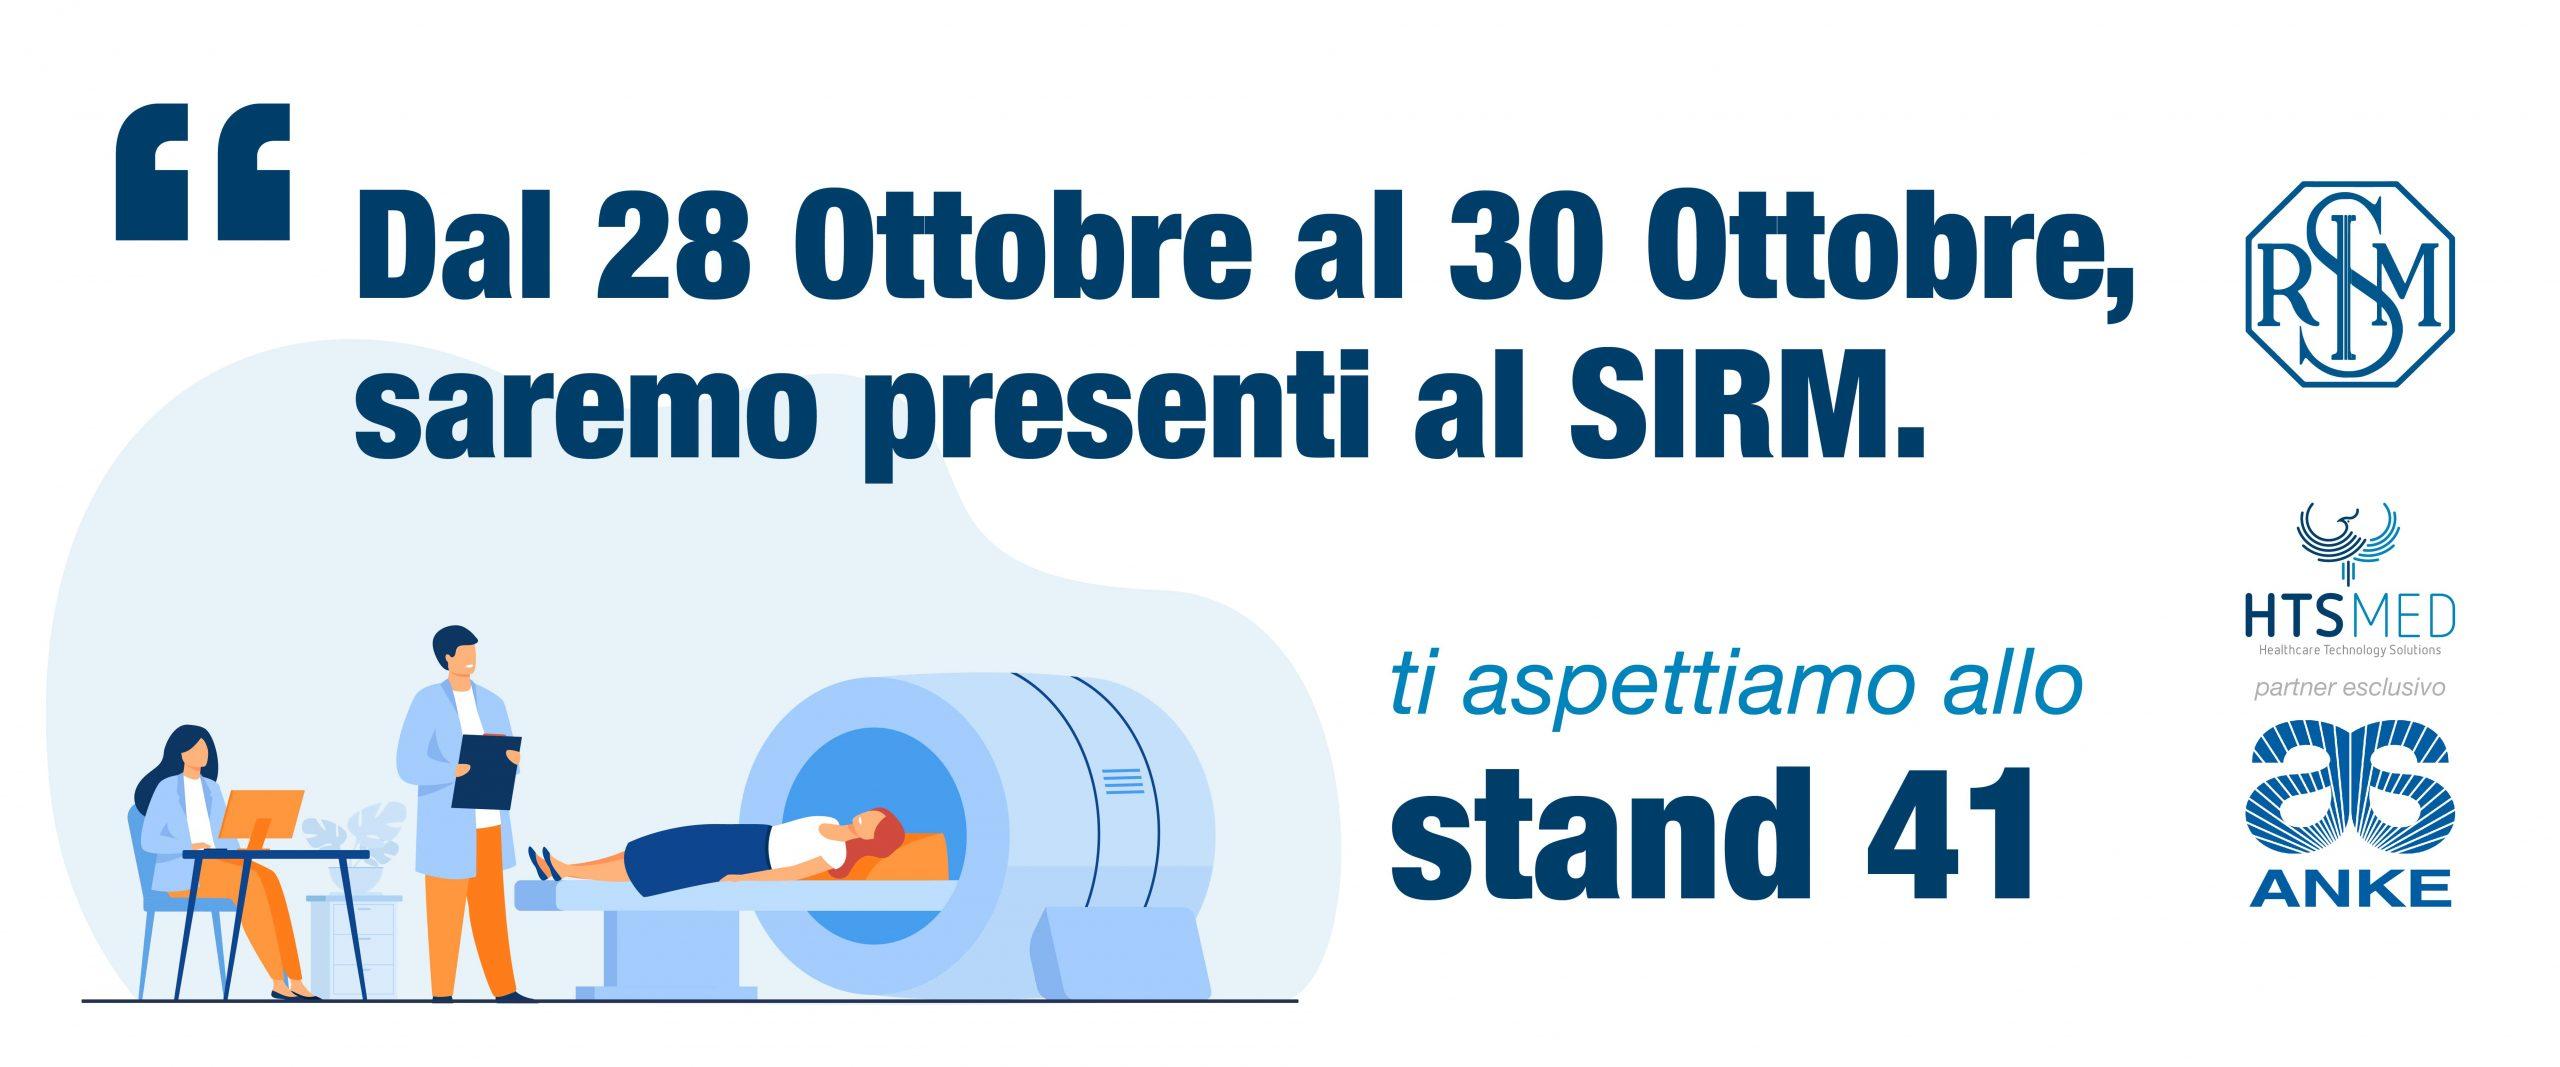 SIRM-Rimini